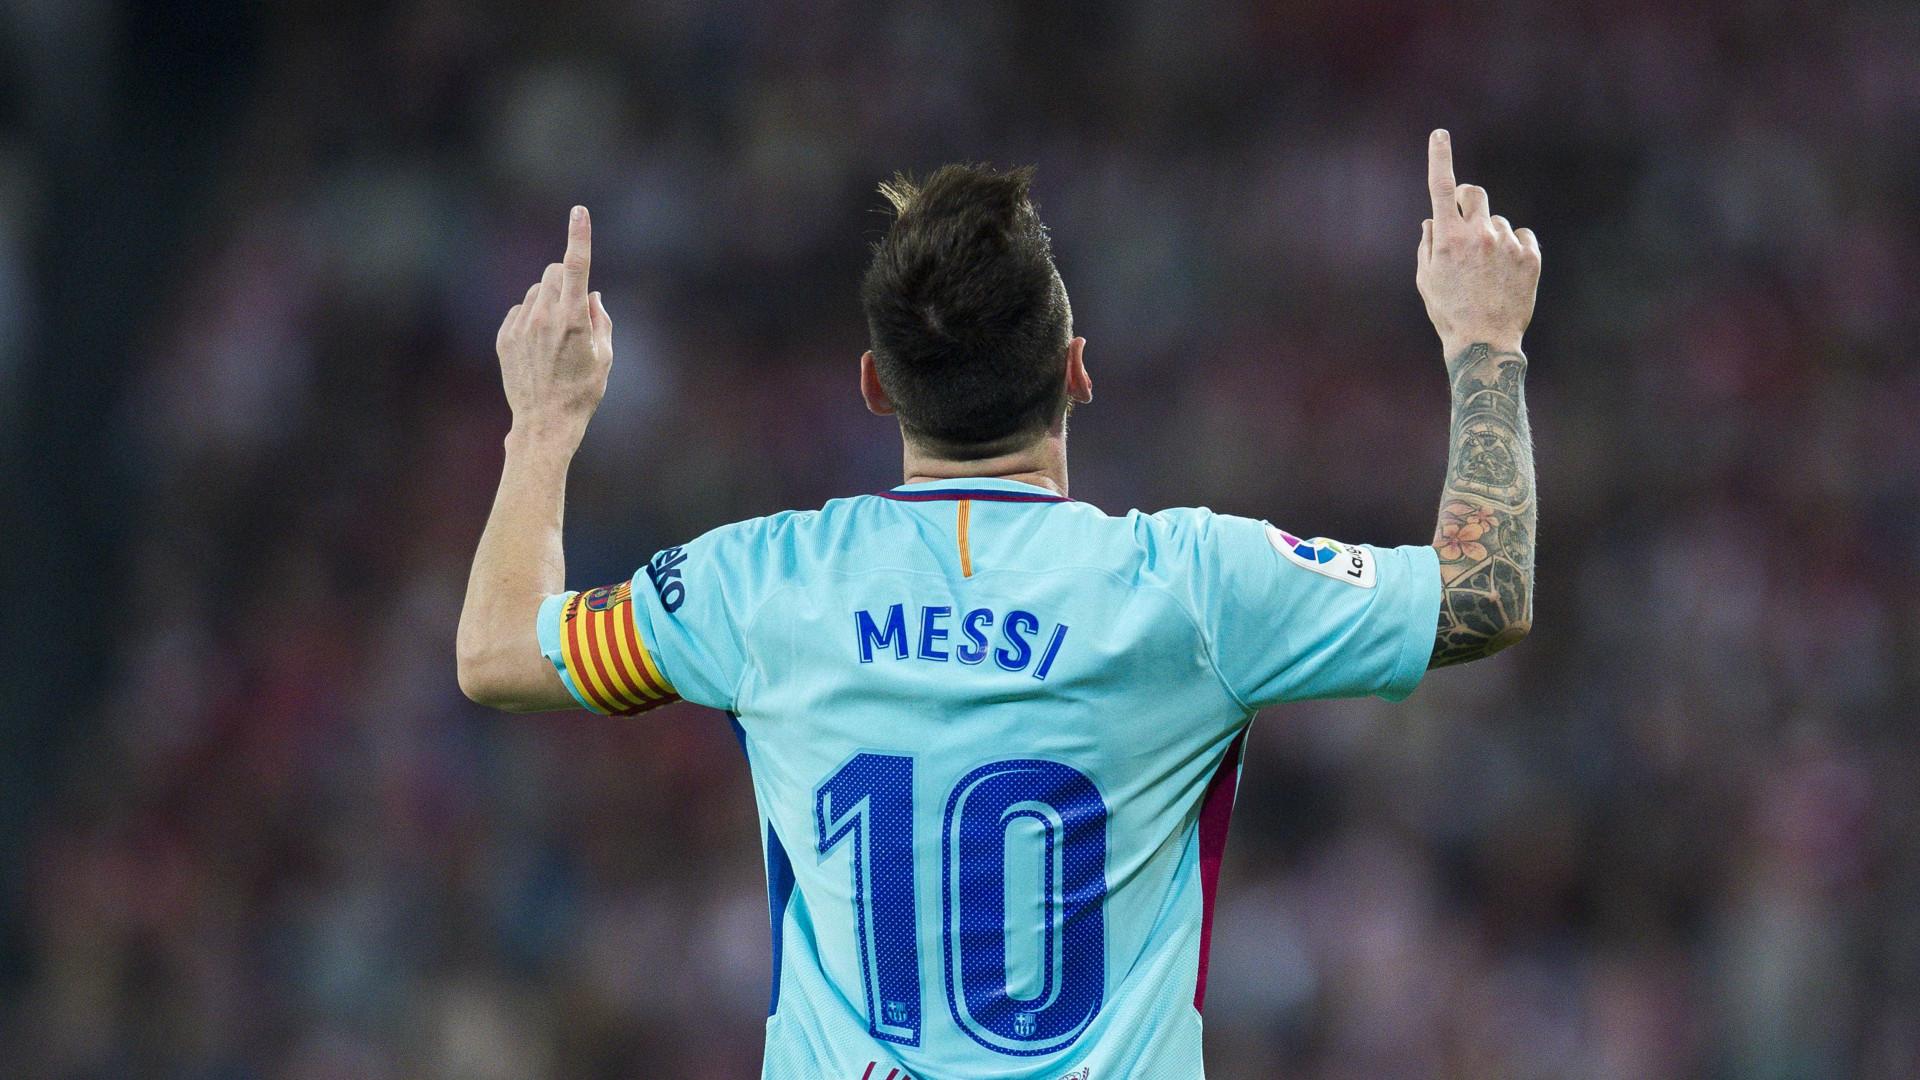 Conheça o valor astronómico que Messi recebe anualmente